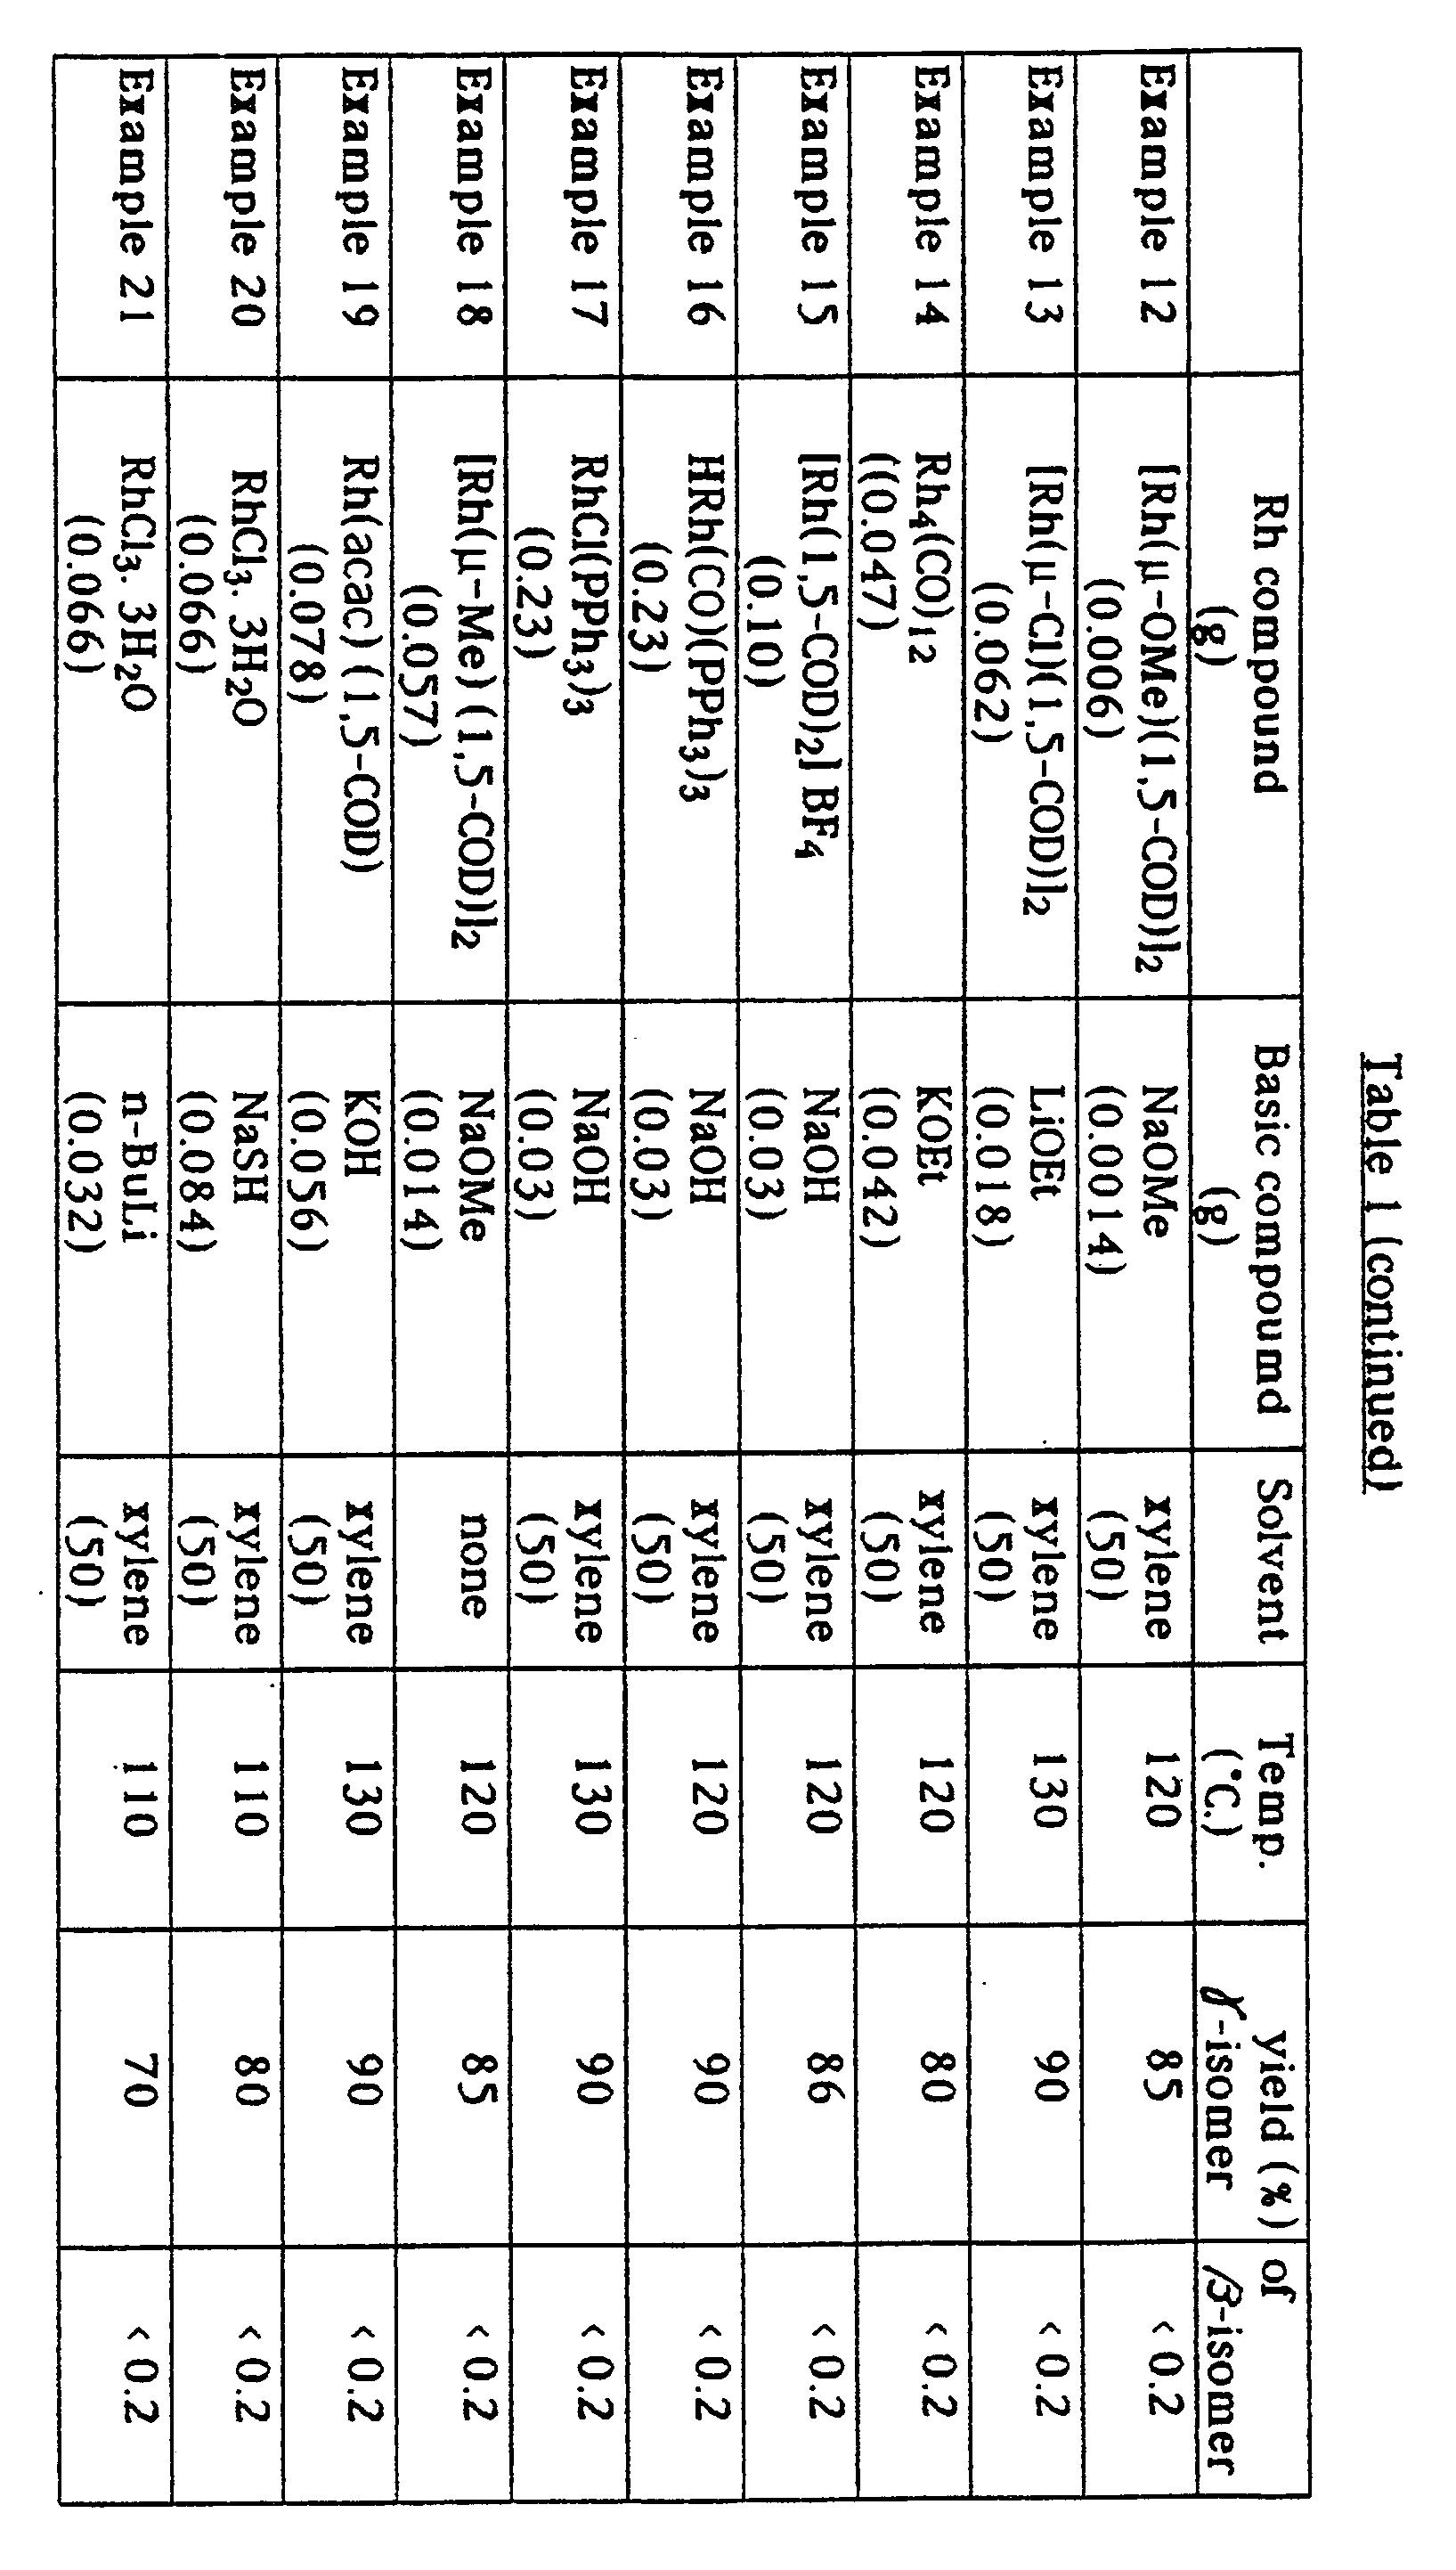 Ep0321174a2 Process For Preparing Aminopropyl Silanes Google Patents